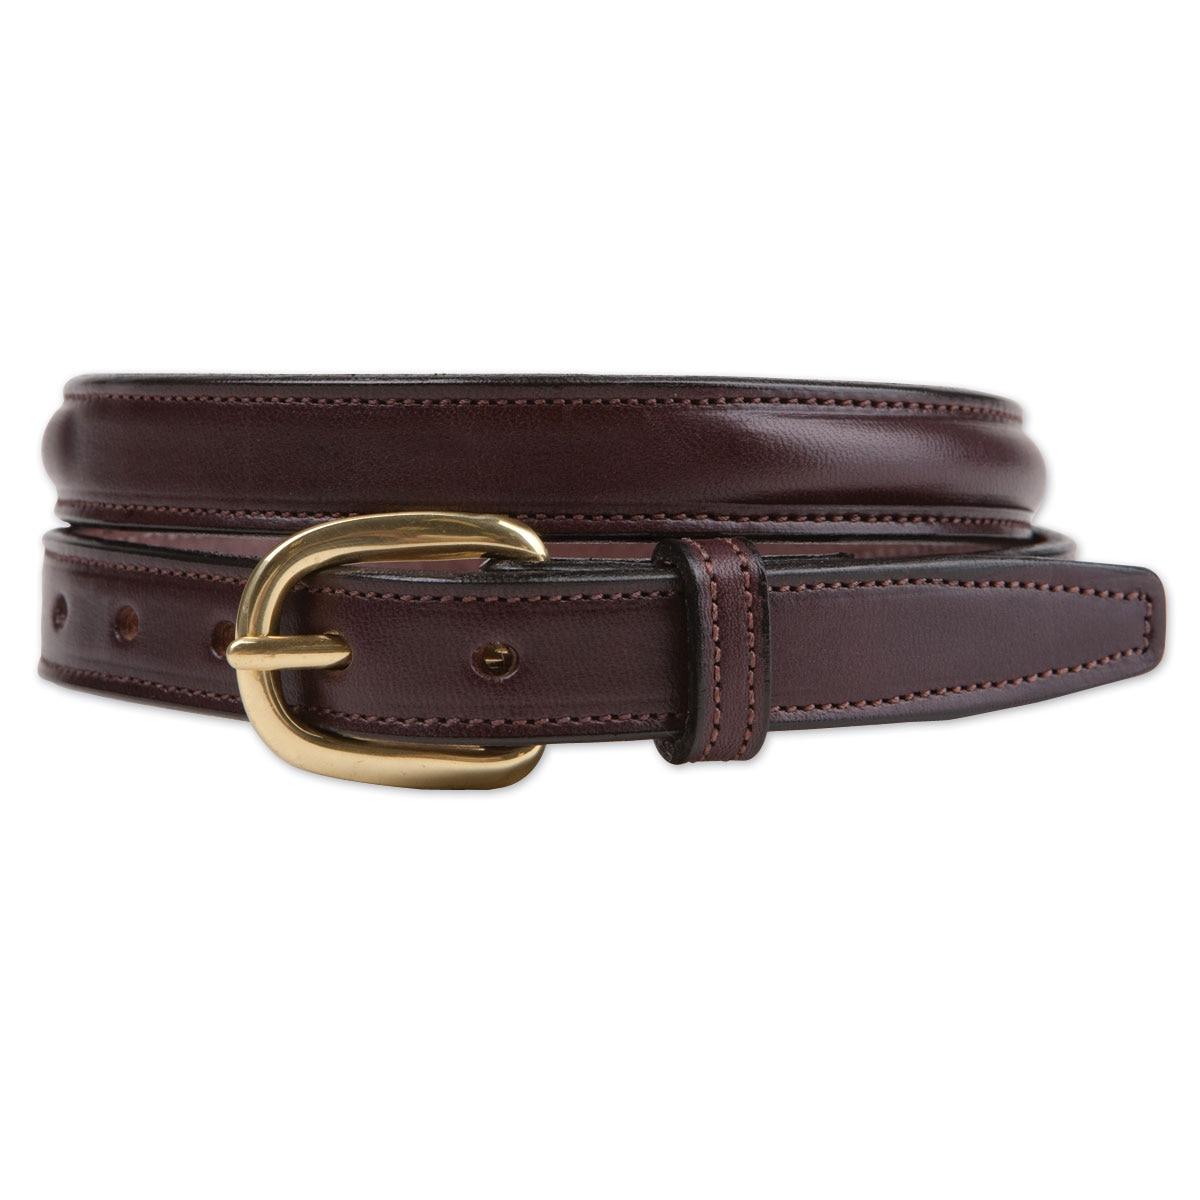 Tory Leather Plain Raised Belt